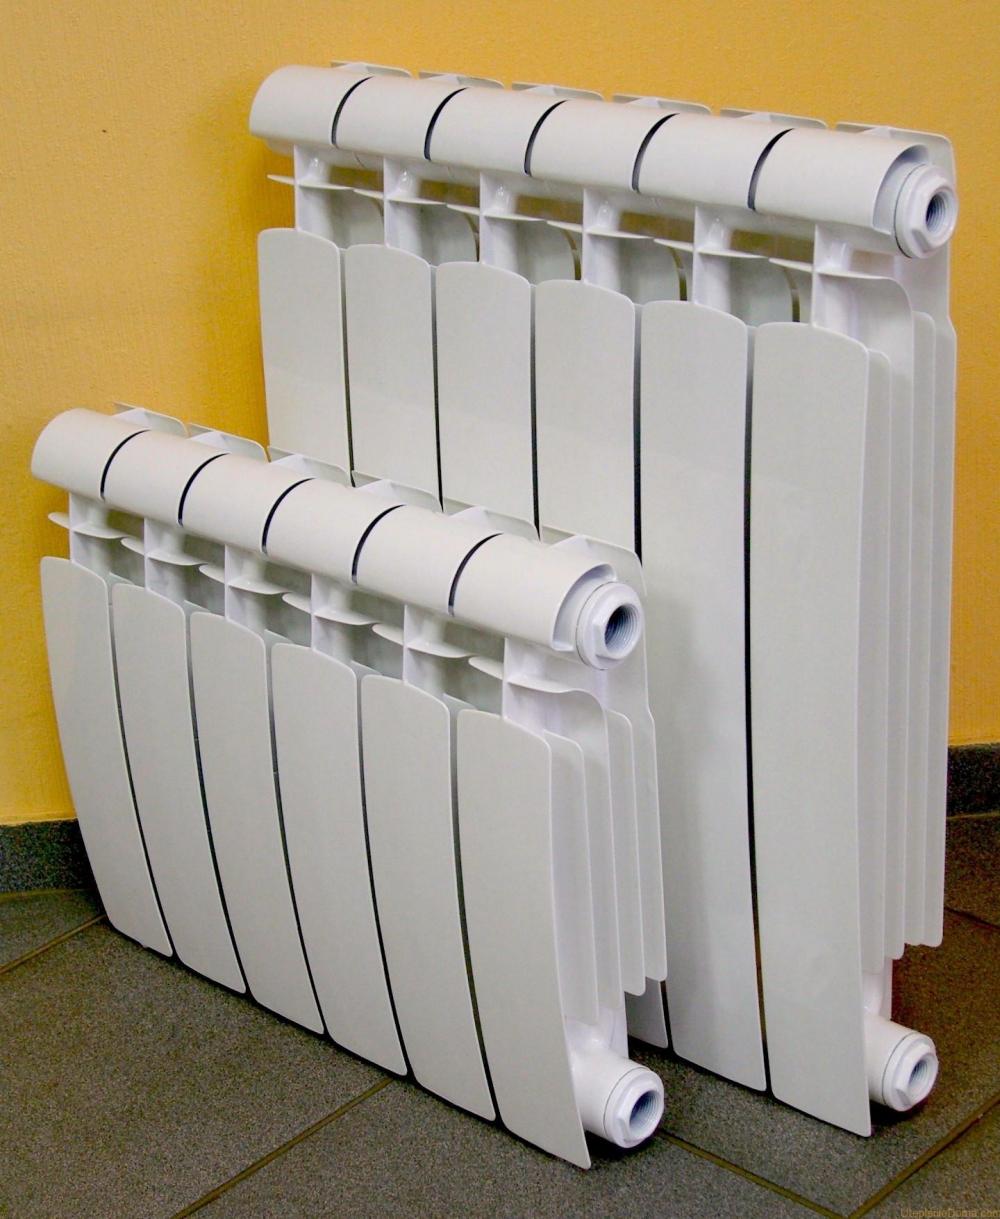 какие радиаторы отопления лучше ставить в квартире